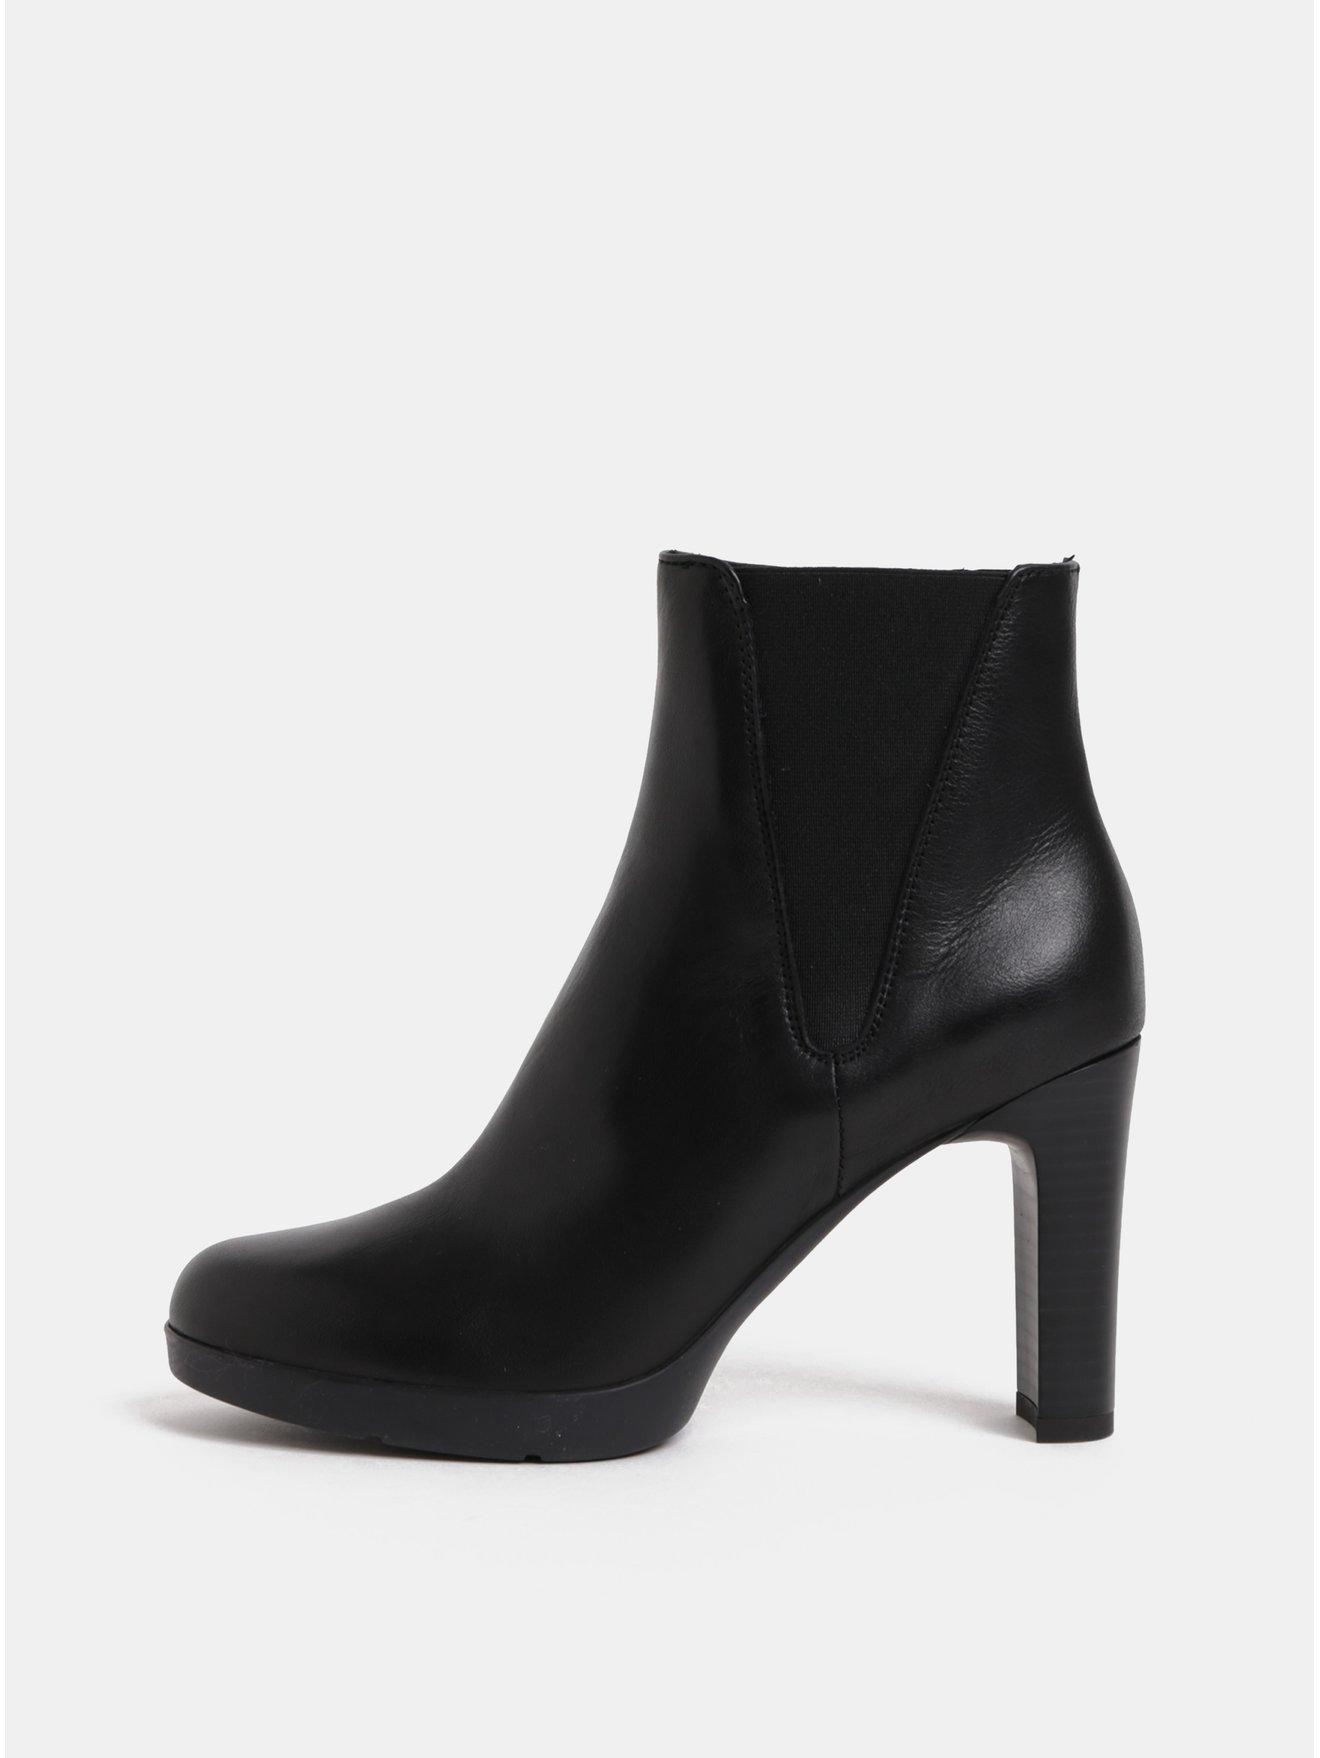 908dad42f3d0e Černé dámské kožené kotníkové boty na vysokém podpatku Geox Annya